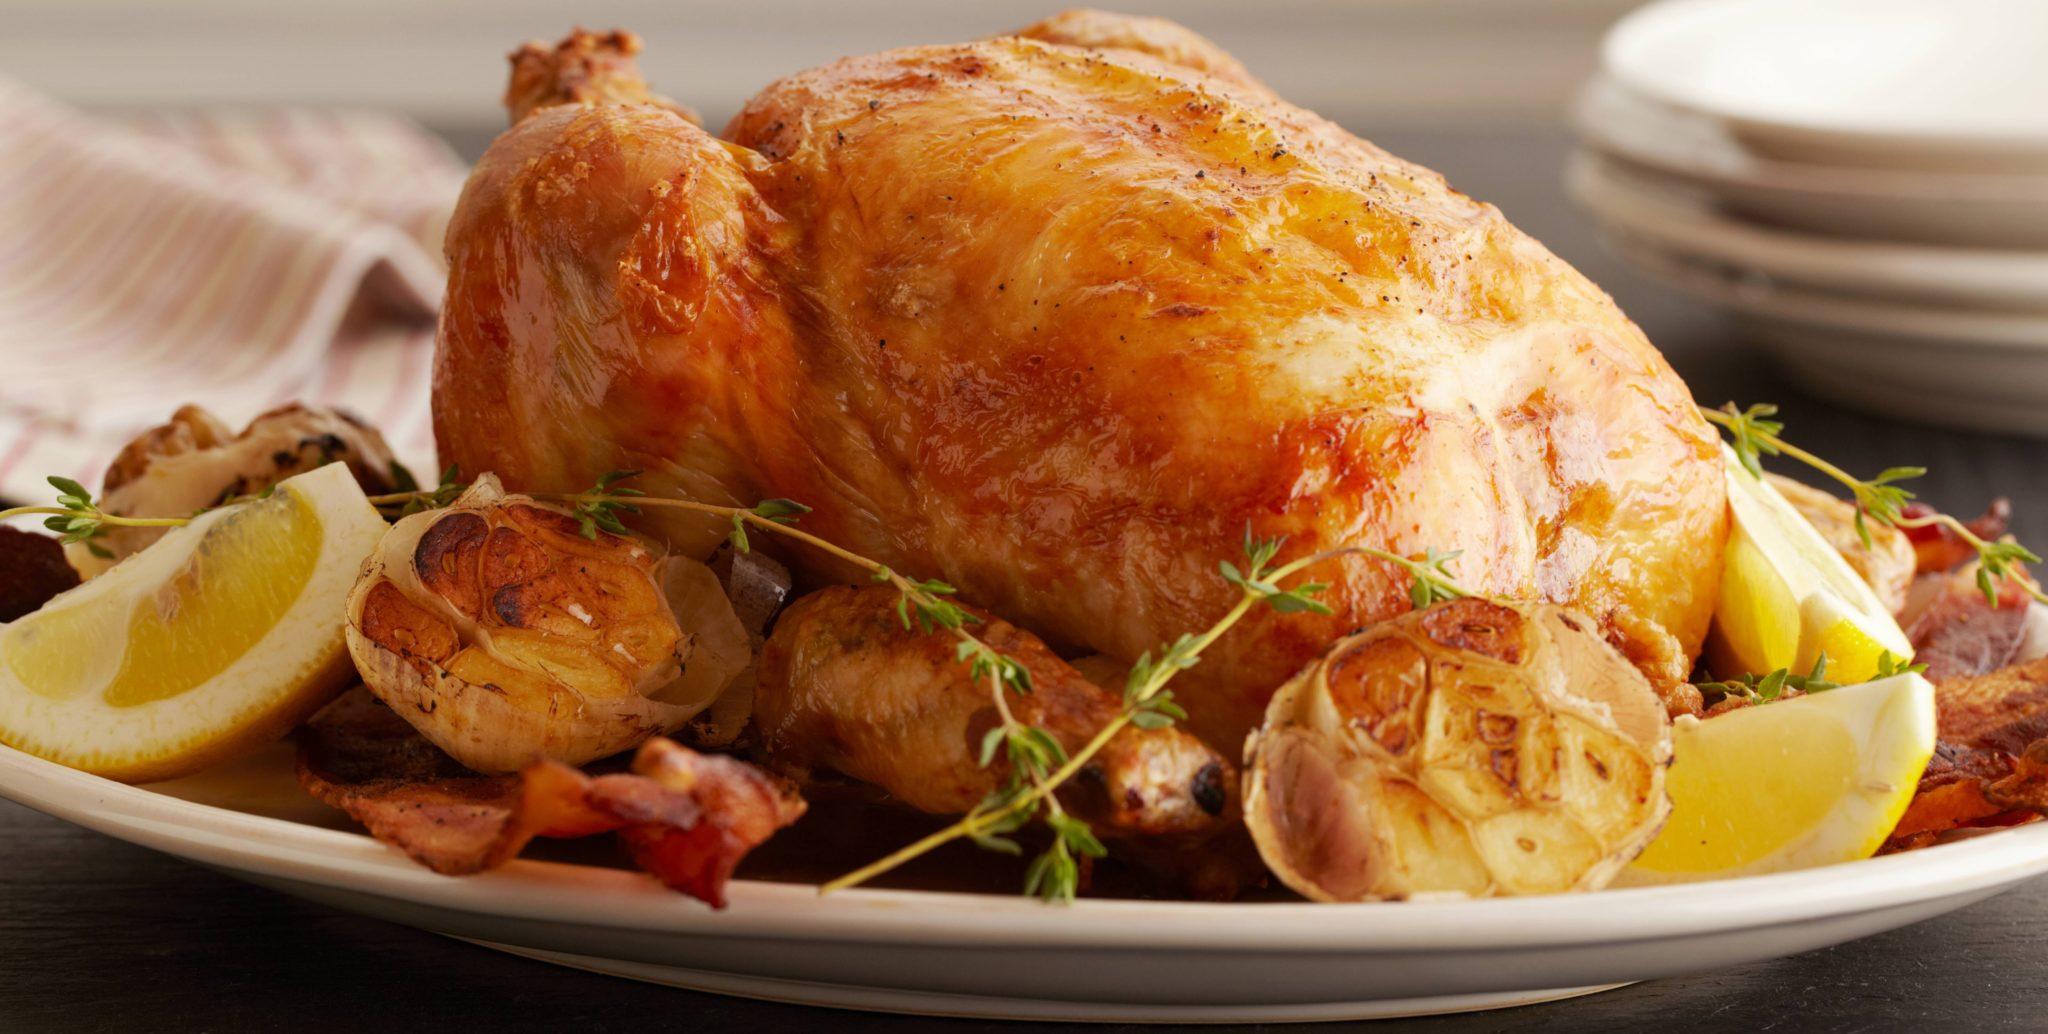 курица целиком в духовке рецепт самый вкусный с фото